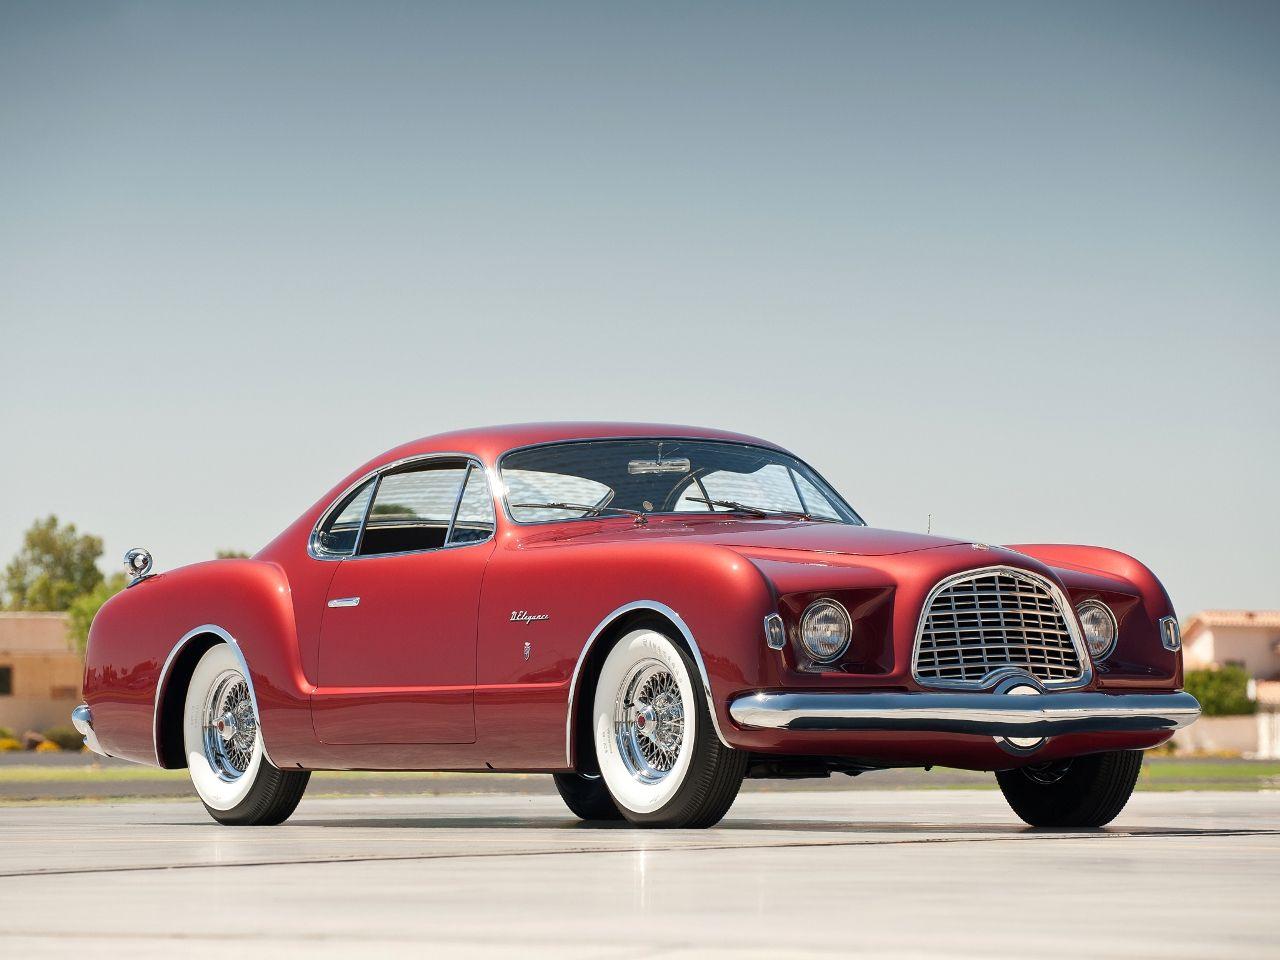 1953 Chrysler Windsor | chryslers | Pinterest | Cars, Mopar and ...